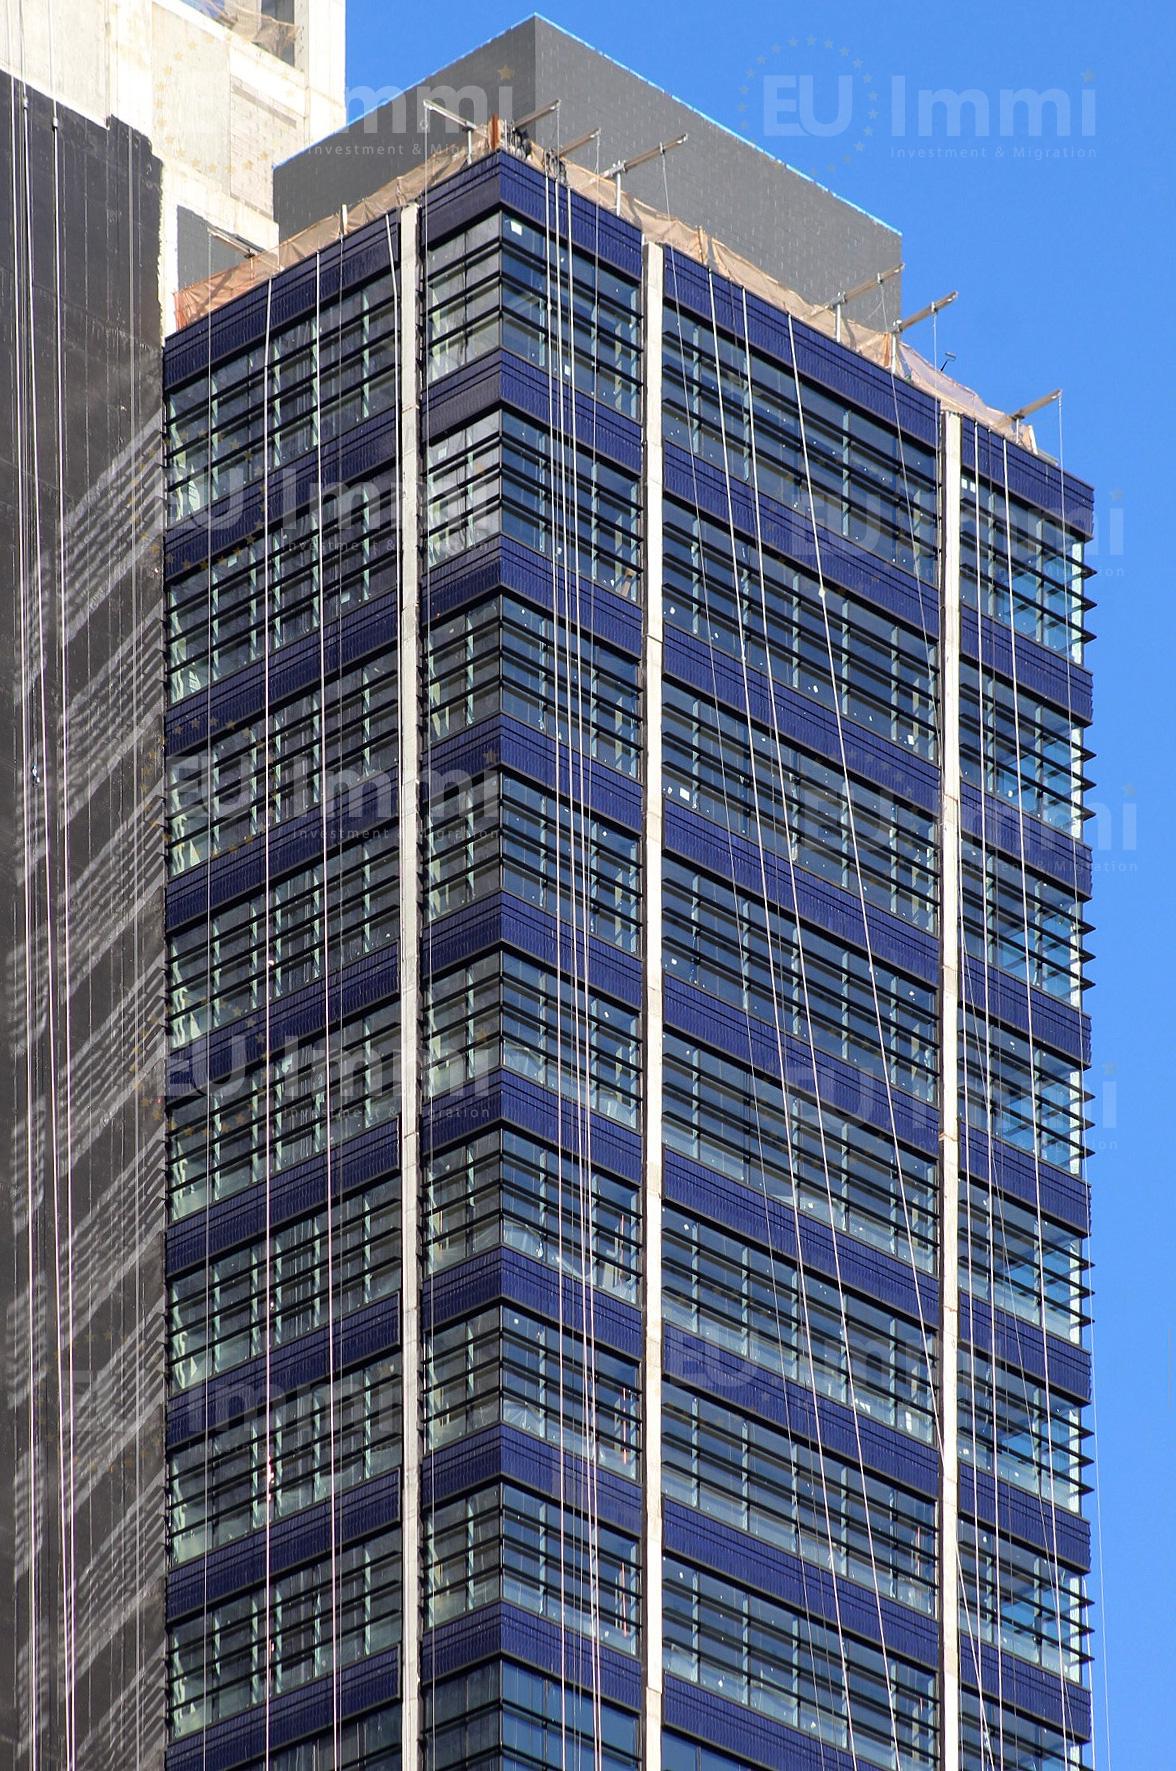 Mặt tiền bằng kính và gạch xanh của Quảng trường One Willoughby (Ảnh Michael Young)